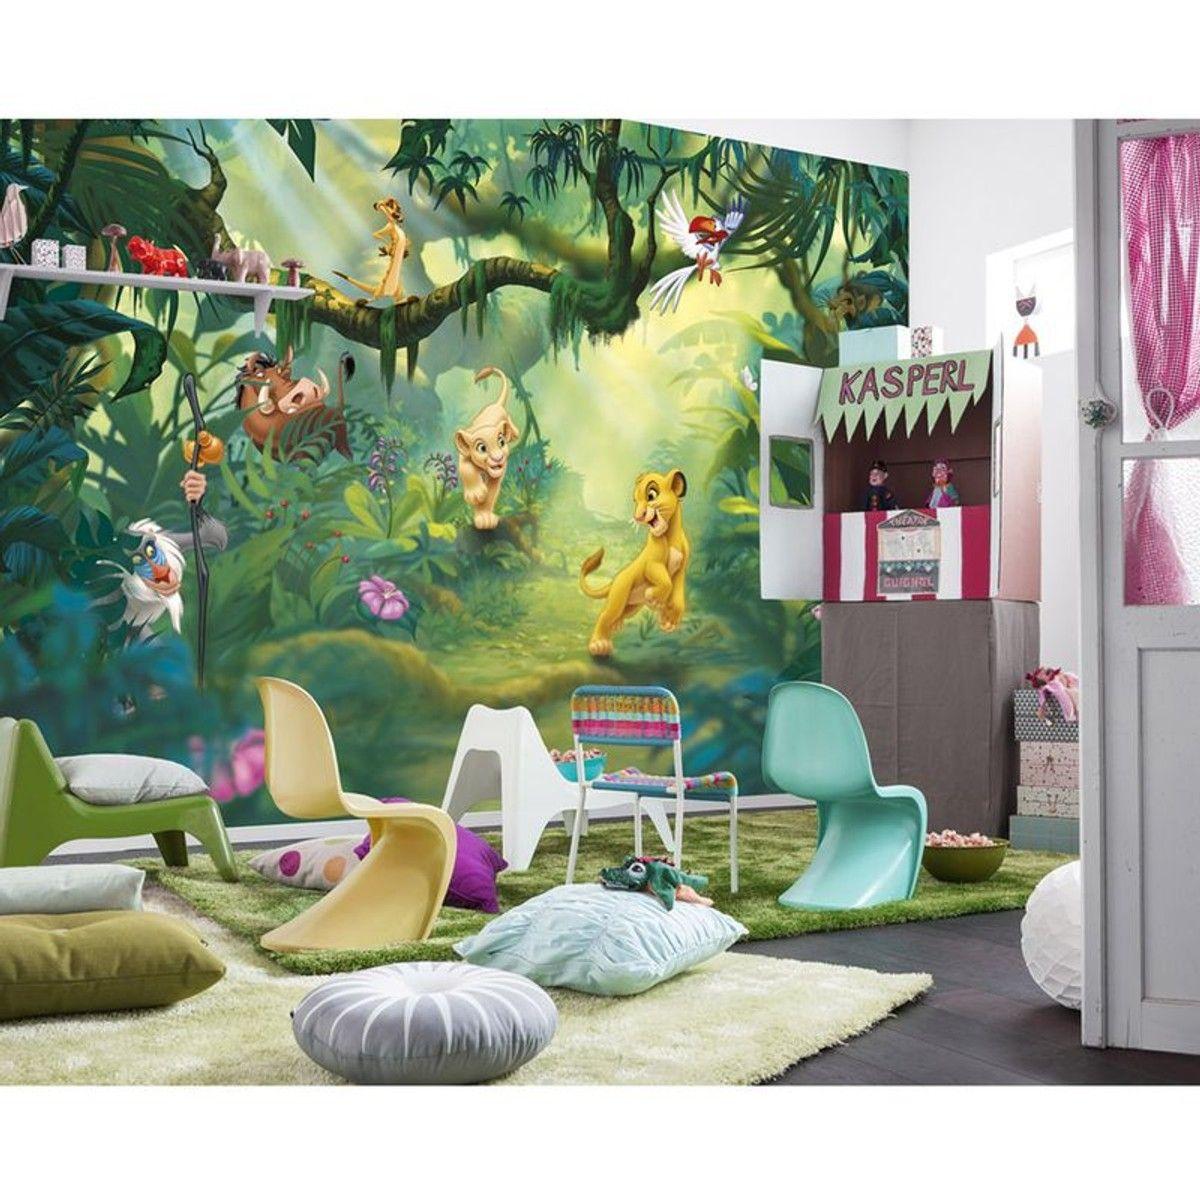 Papier Peint Le Roi Lion Disney 17x17 Cm - Taille : Taille